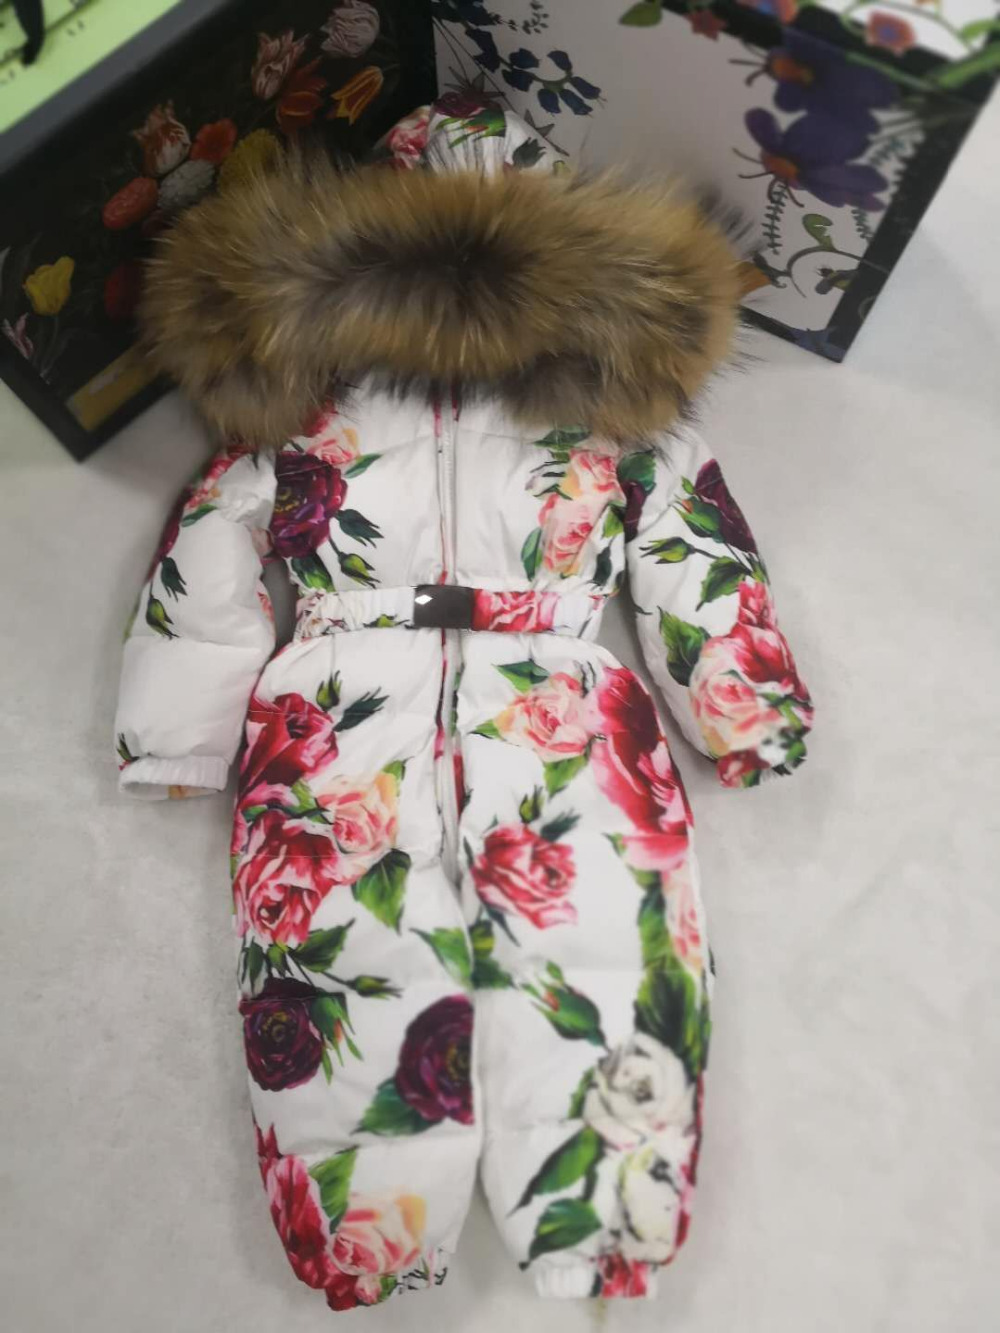 Veste d'hiver 2019 à capuche en fourrure véritable pour bébé veste d'hiver enfant vestes enfants combinaison combinaison de neige fille floral bas garçon combinaisons bébé